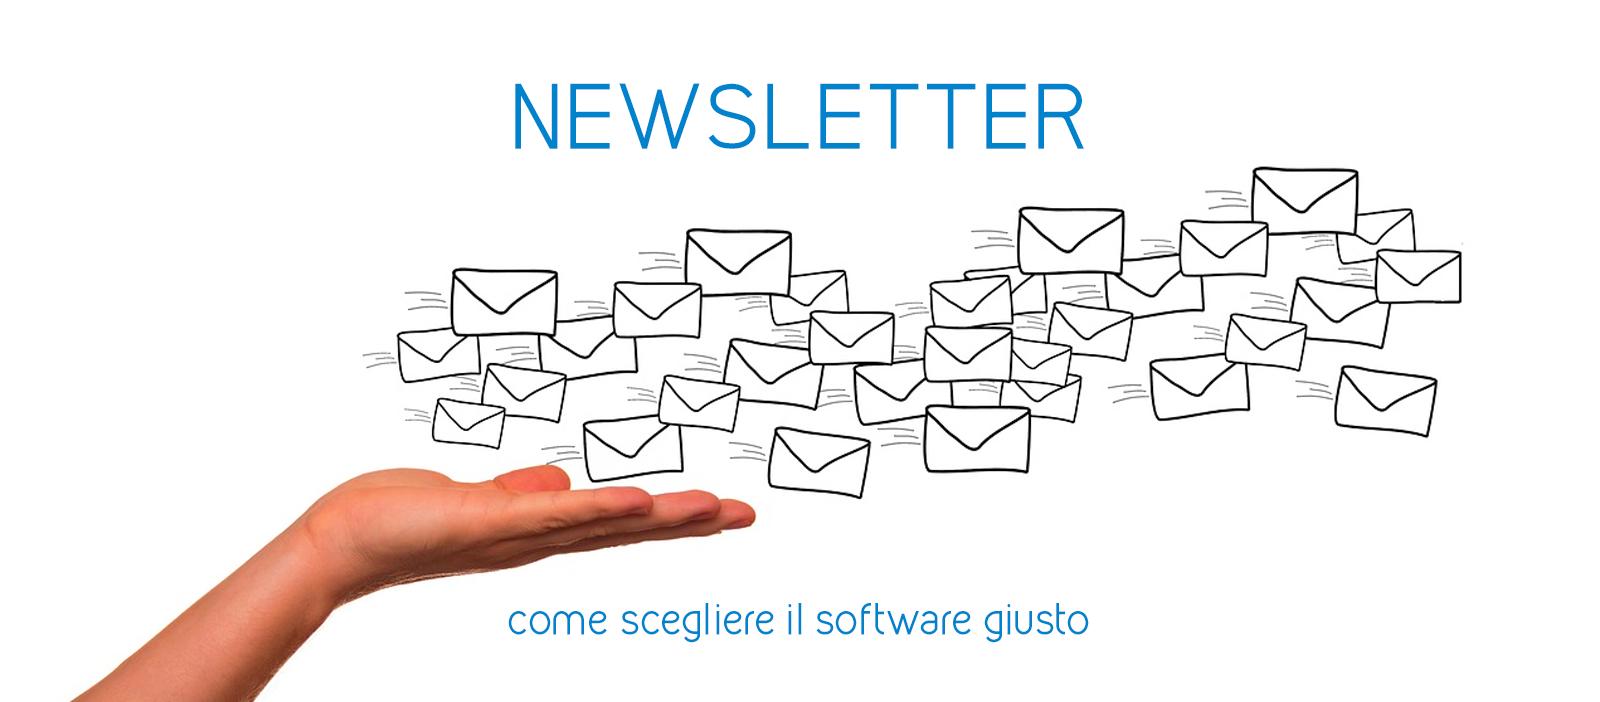 Software per newsletter: come scegliere quello giusto